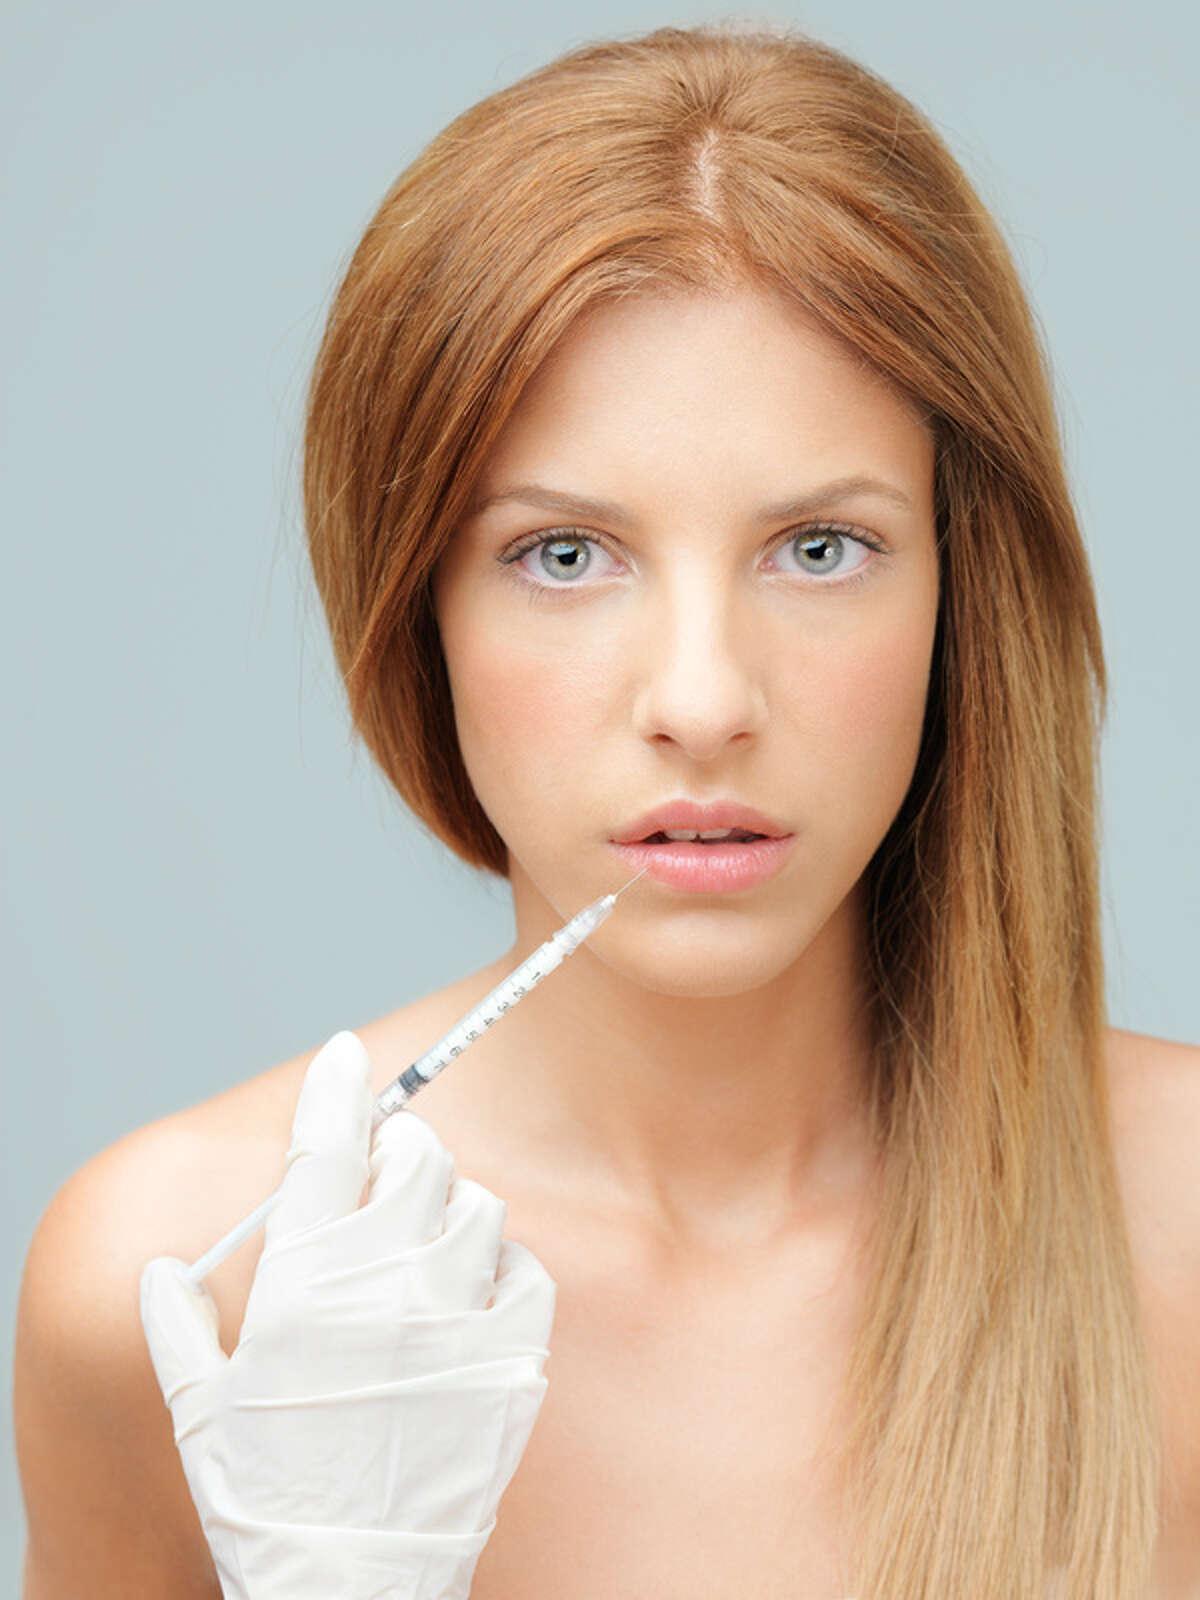 Quienes venden productos con colágeno afirman que su consumo puede ayudar a mantenerte joven y saludable.